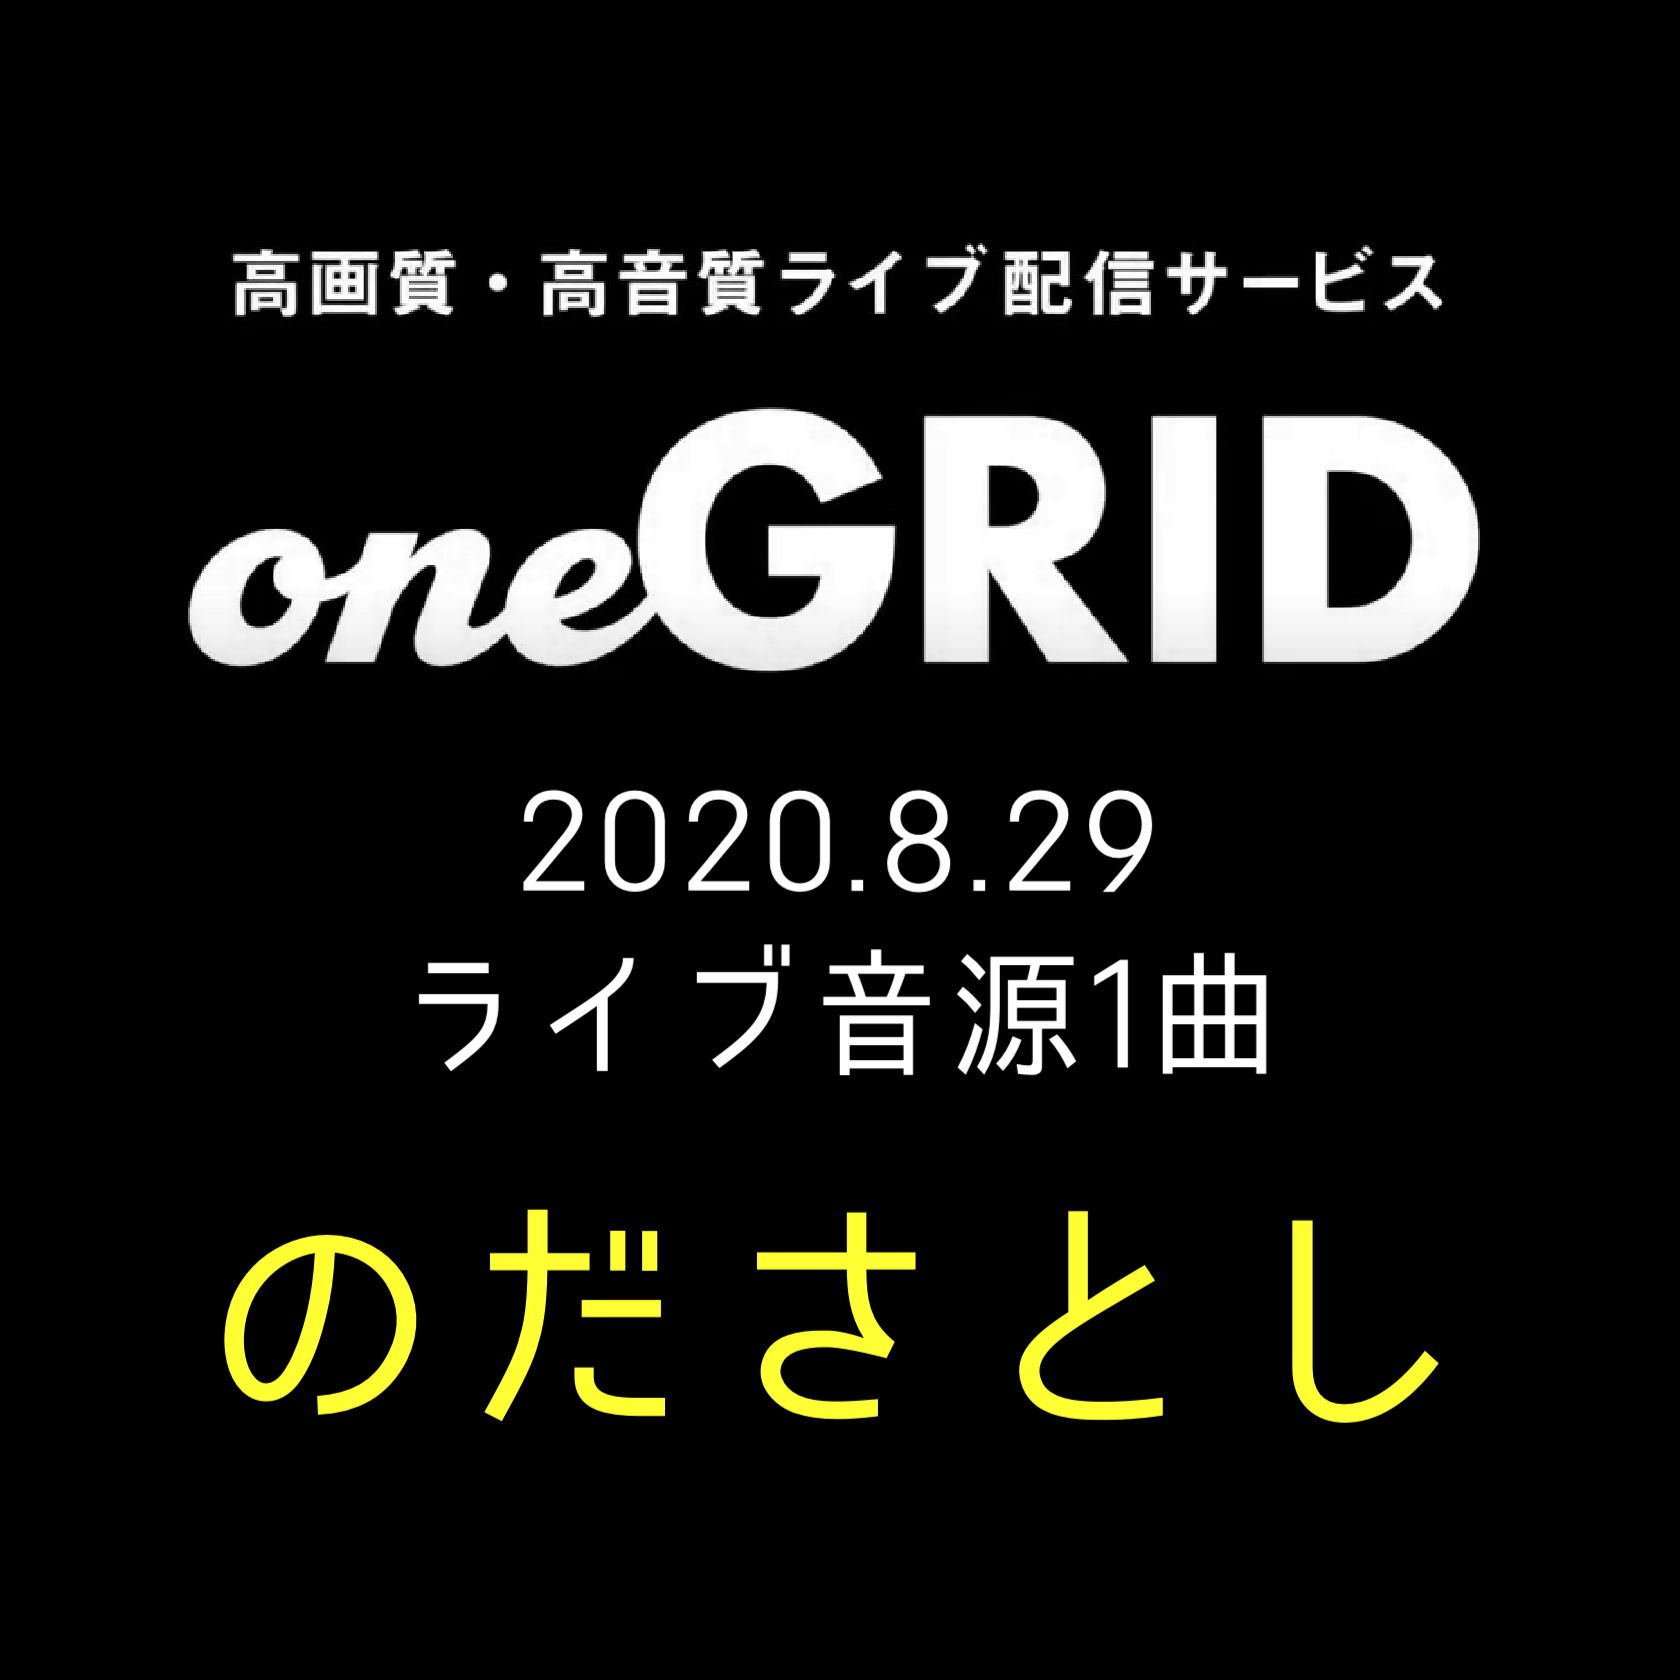 8/29のださとしライブ音源